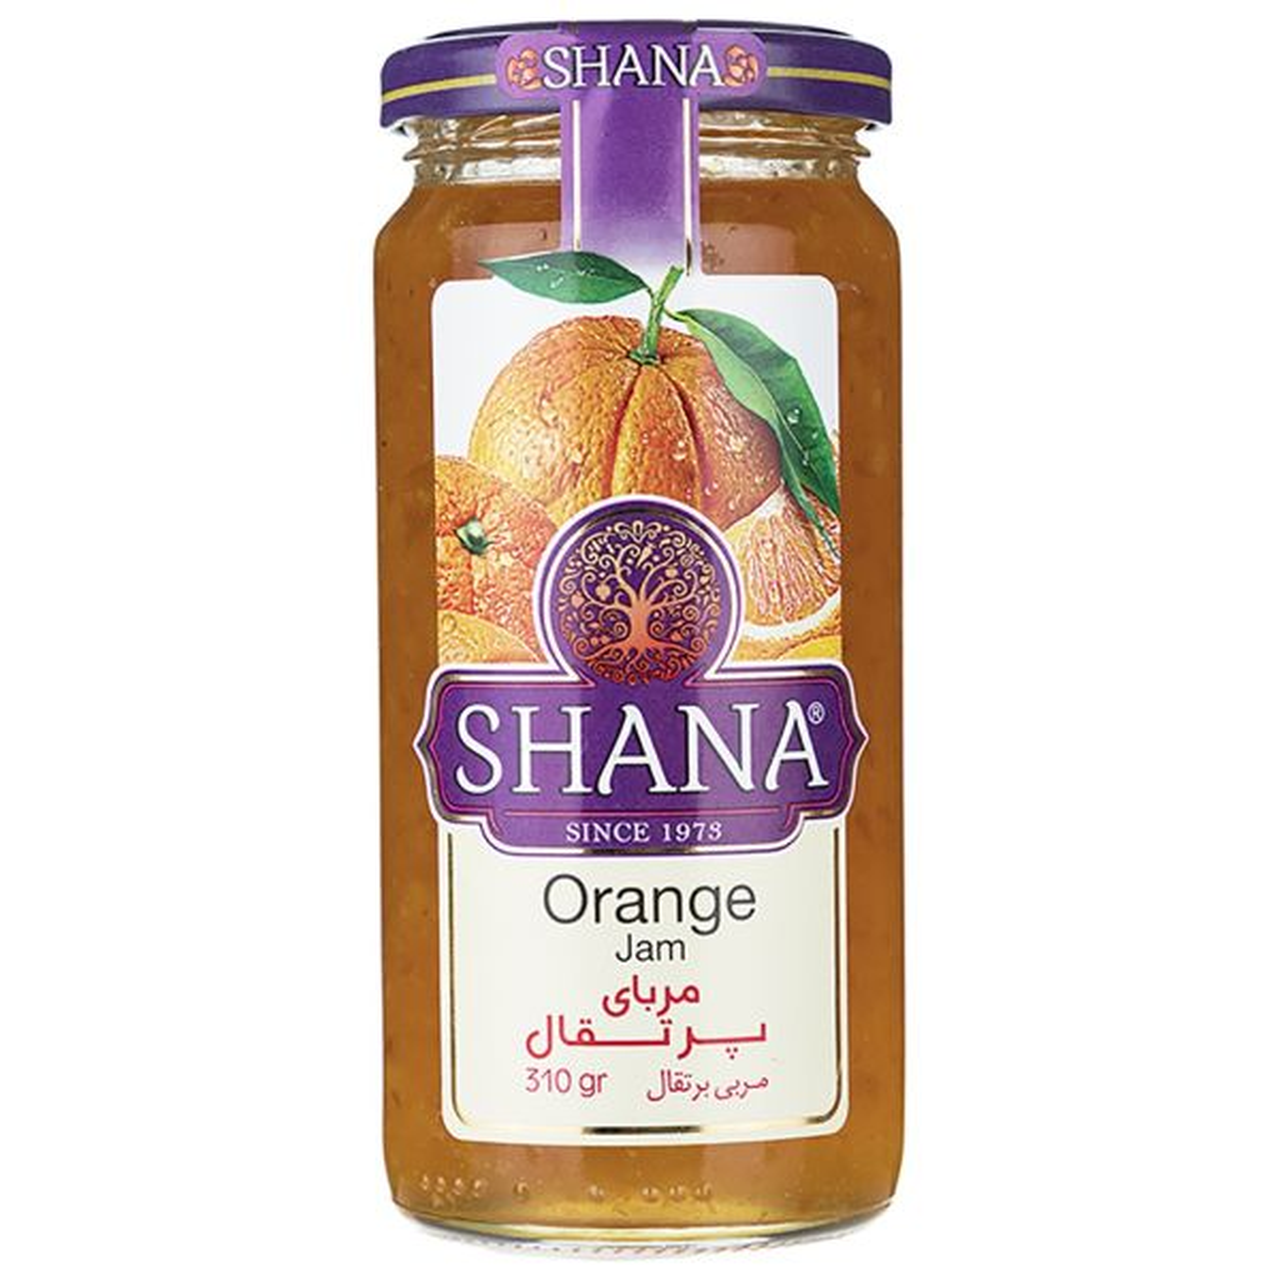 مربا پرتقال شانا - 310 گرم